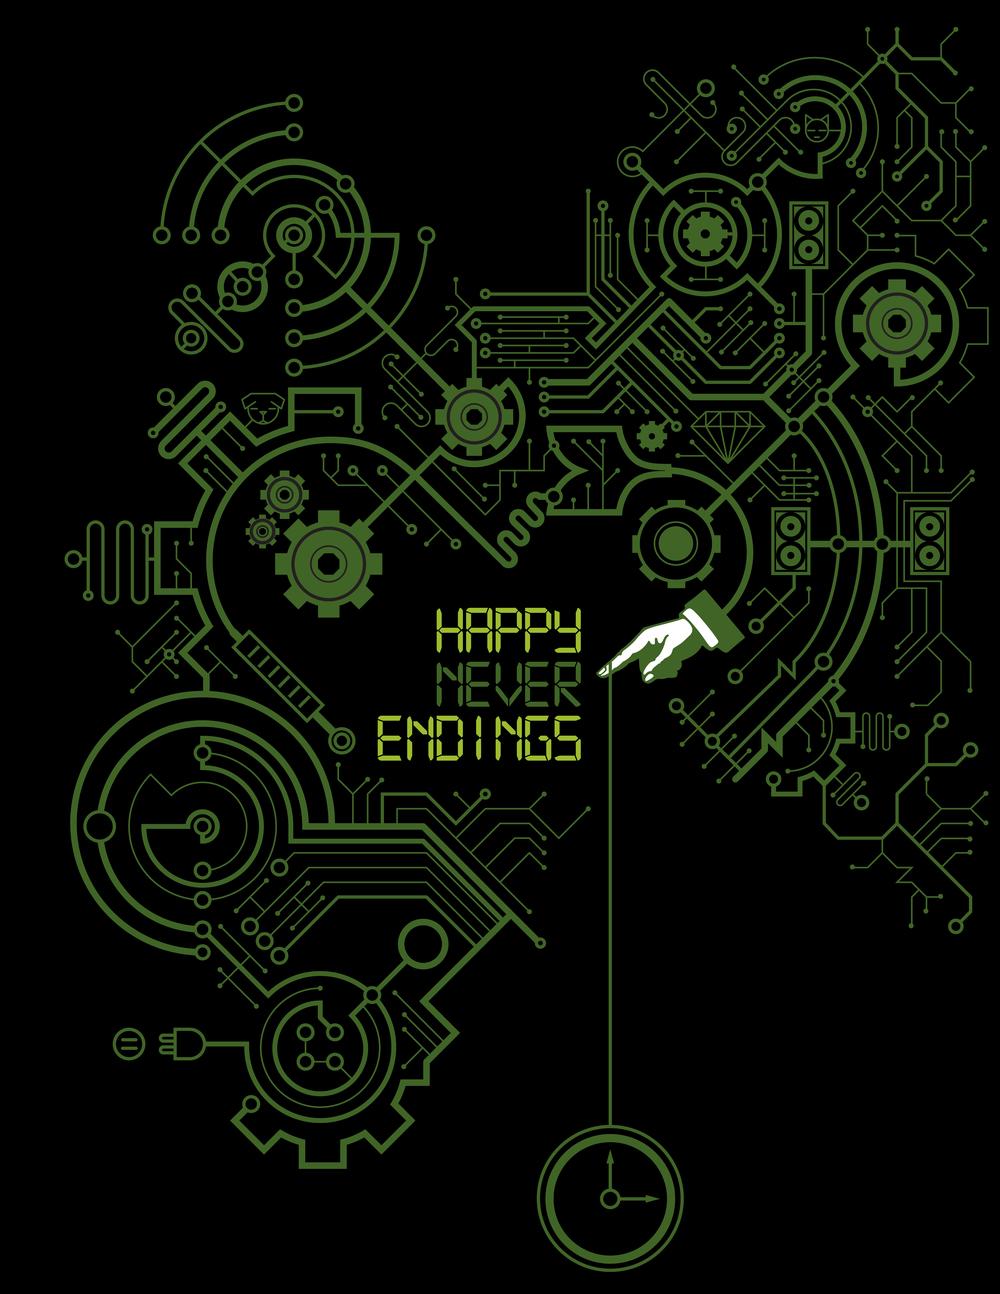 Happy_Never_Endings_RGB2000.jpg